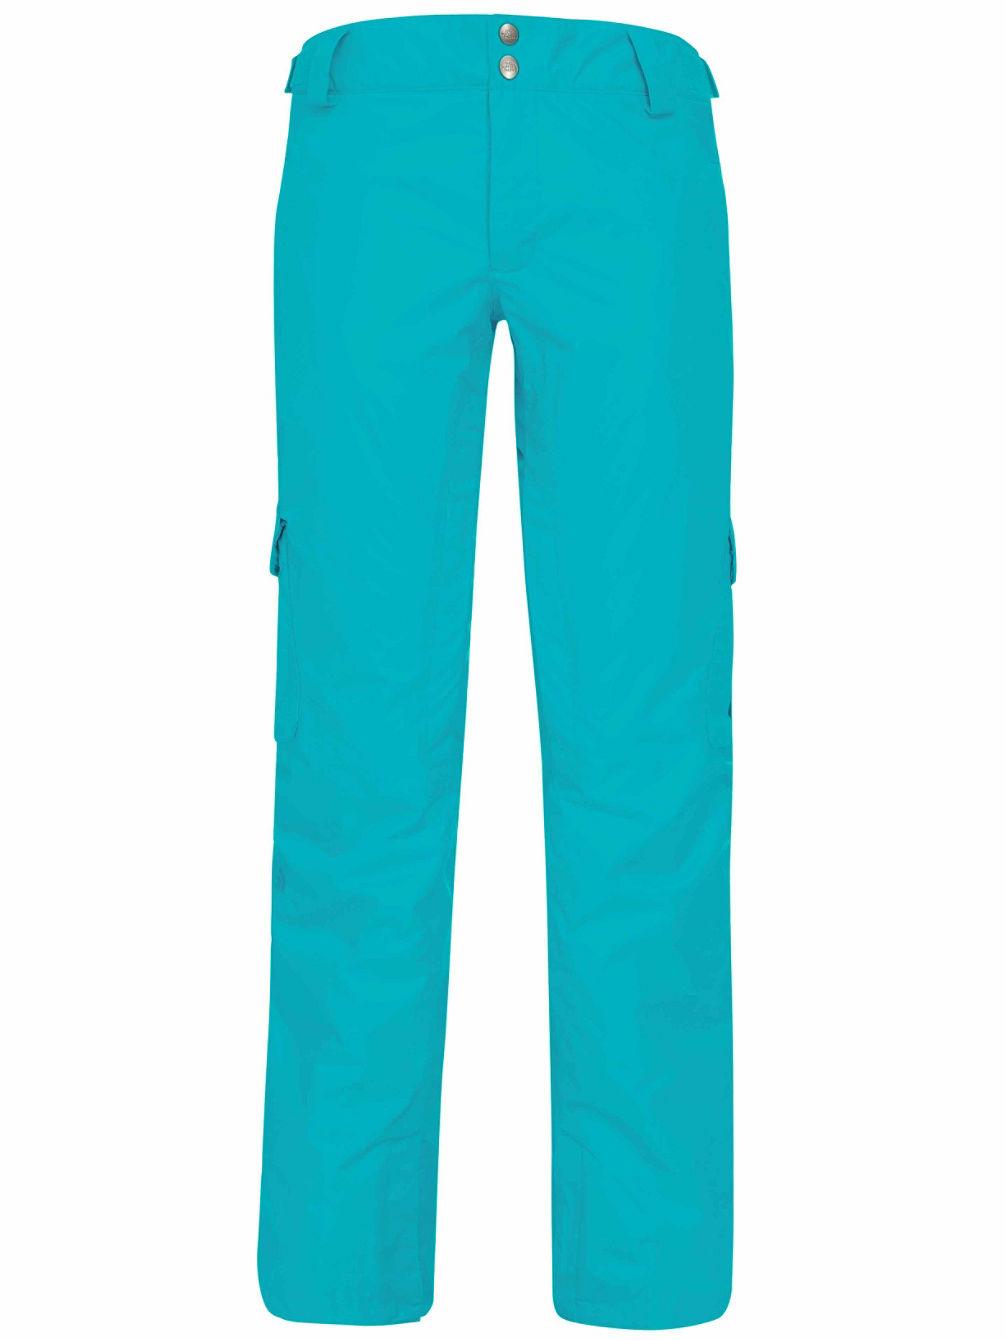 da1333bd0d545 Compra THE NORTH FACE Go Go Cargo Pants en línea en Blue Tomato